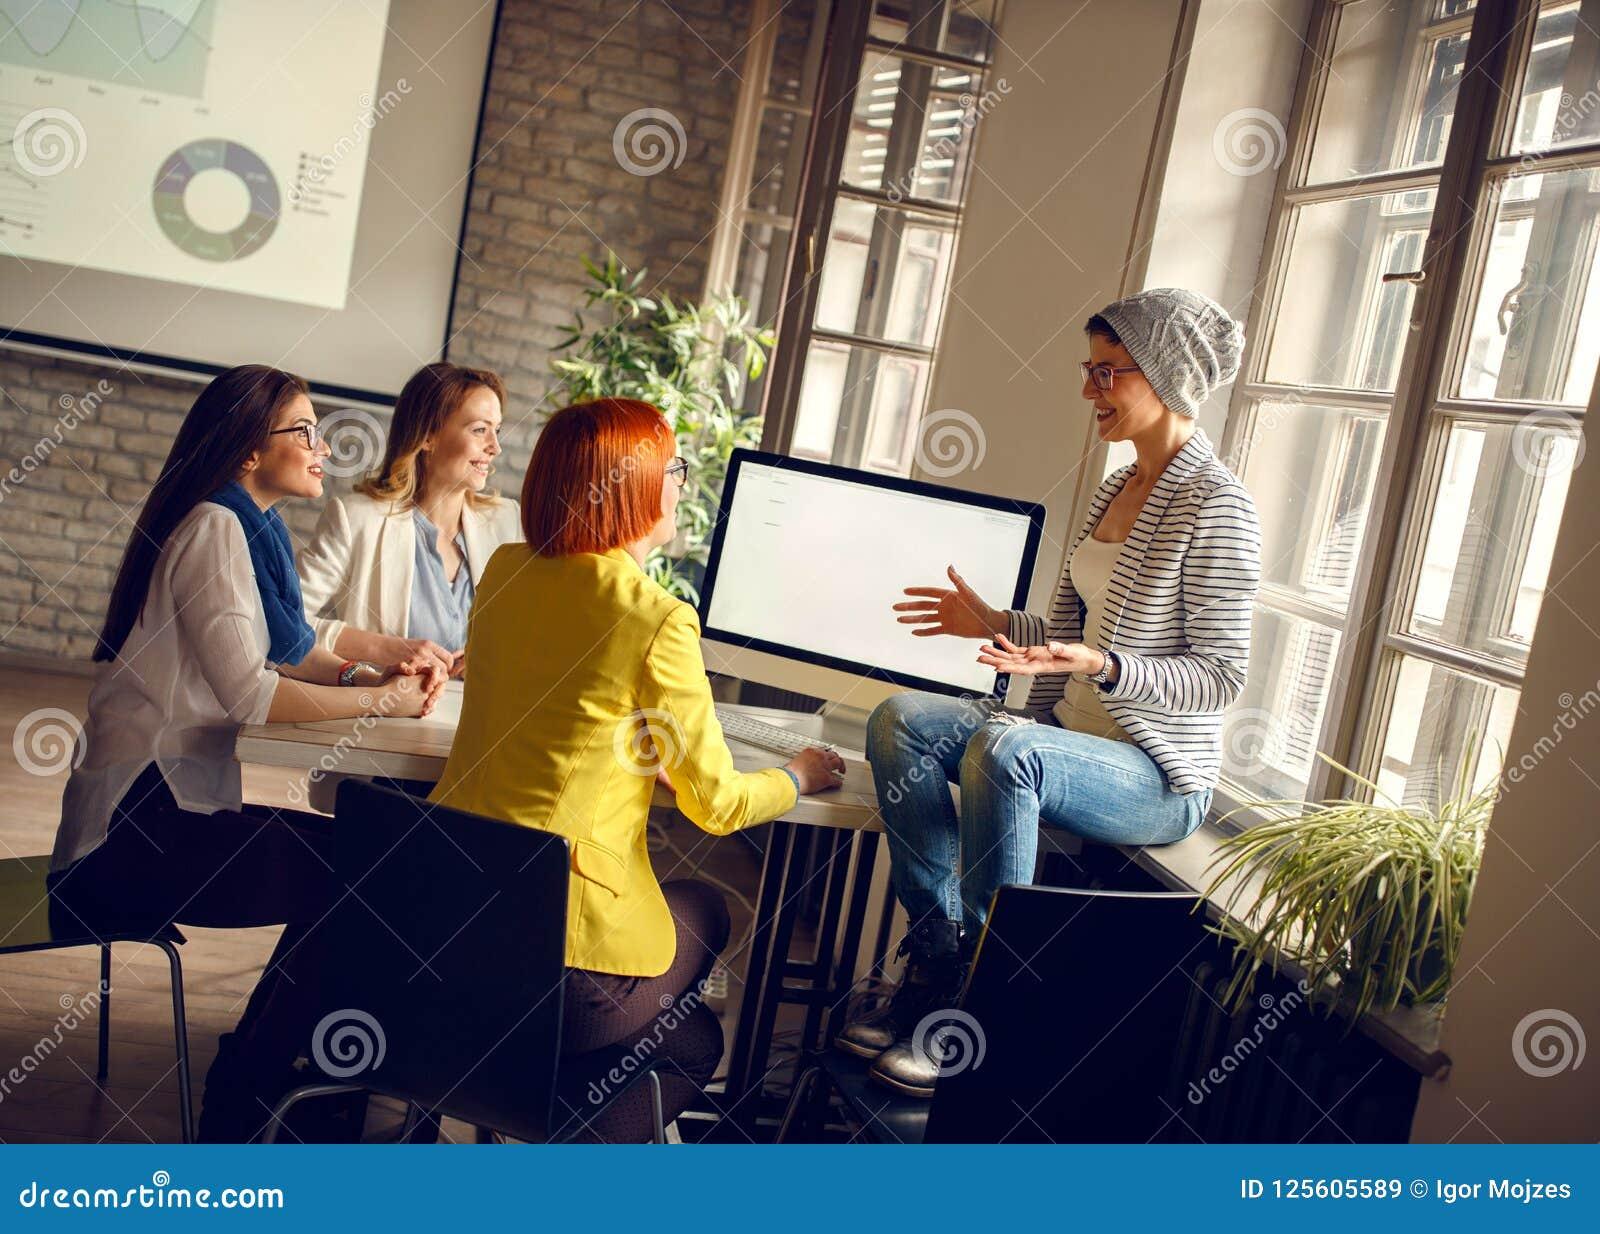 De vrouwen op het werk stelt ideeën voor zaken voor